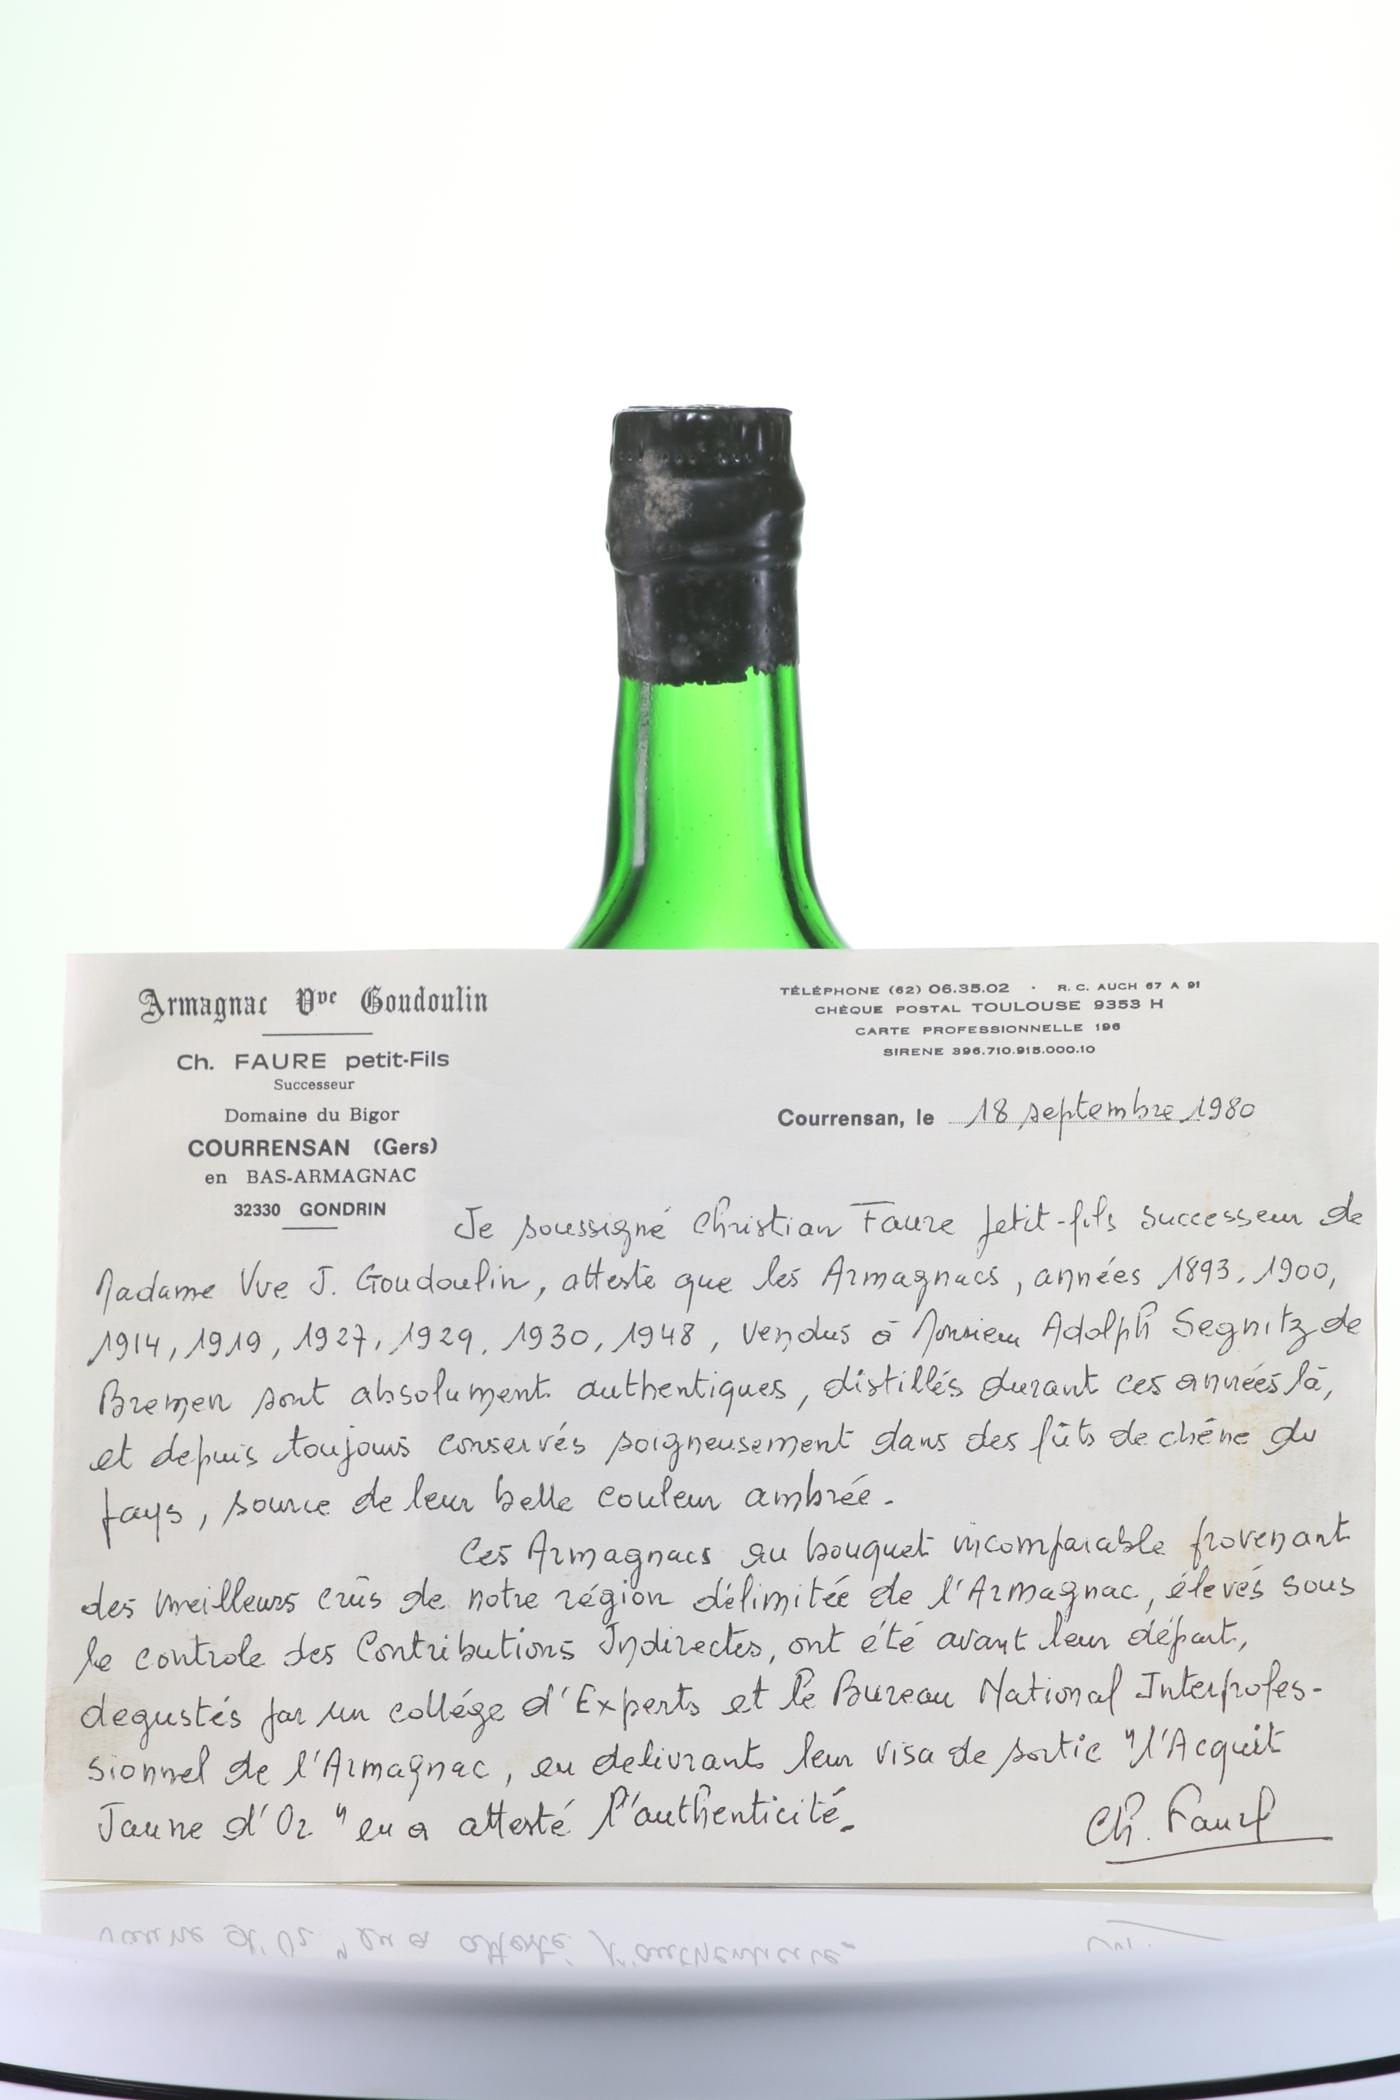 Armagnac 1929 Goudoulin Veuve J.